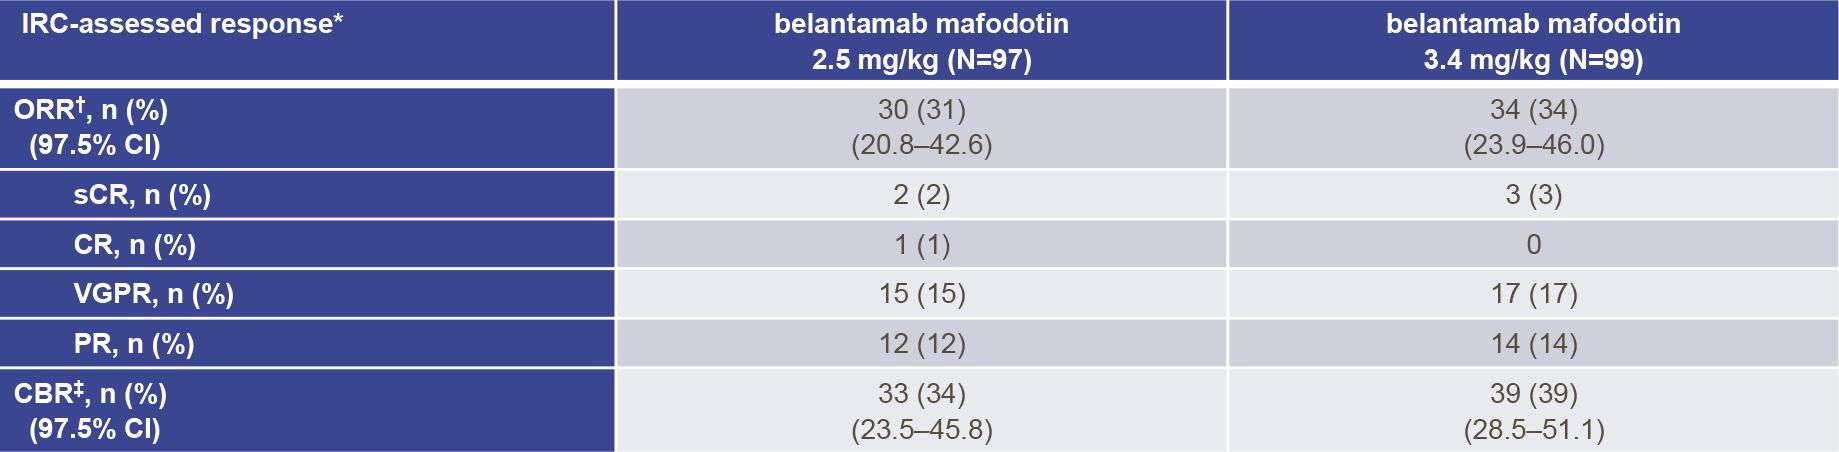 belantamab mafodotin nct03525678 results 01 - Белантамаб мафодотин для лечения множественной миеломы